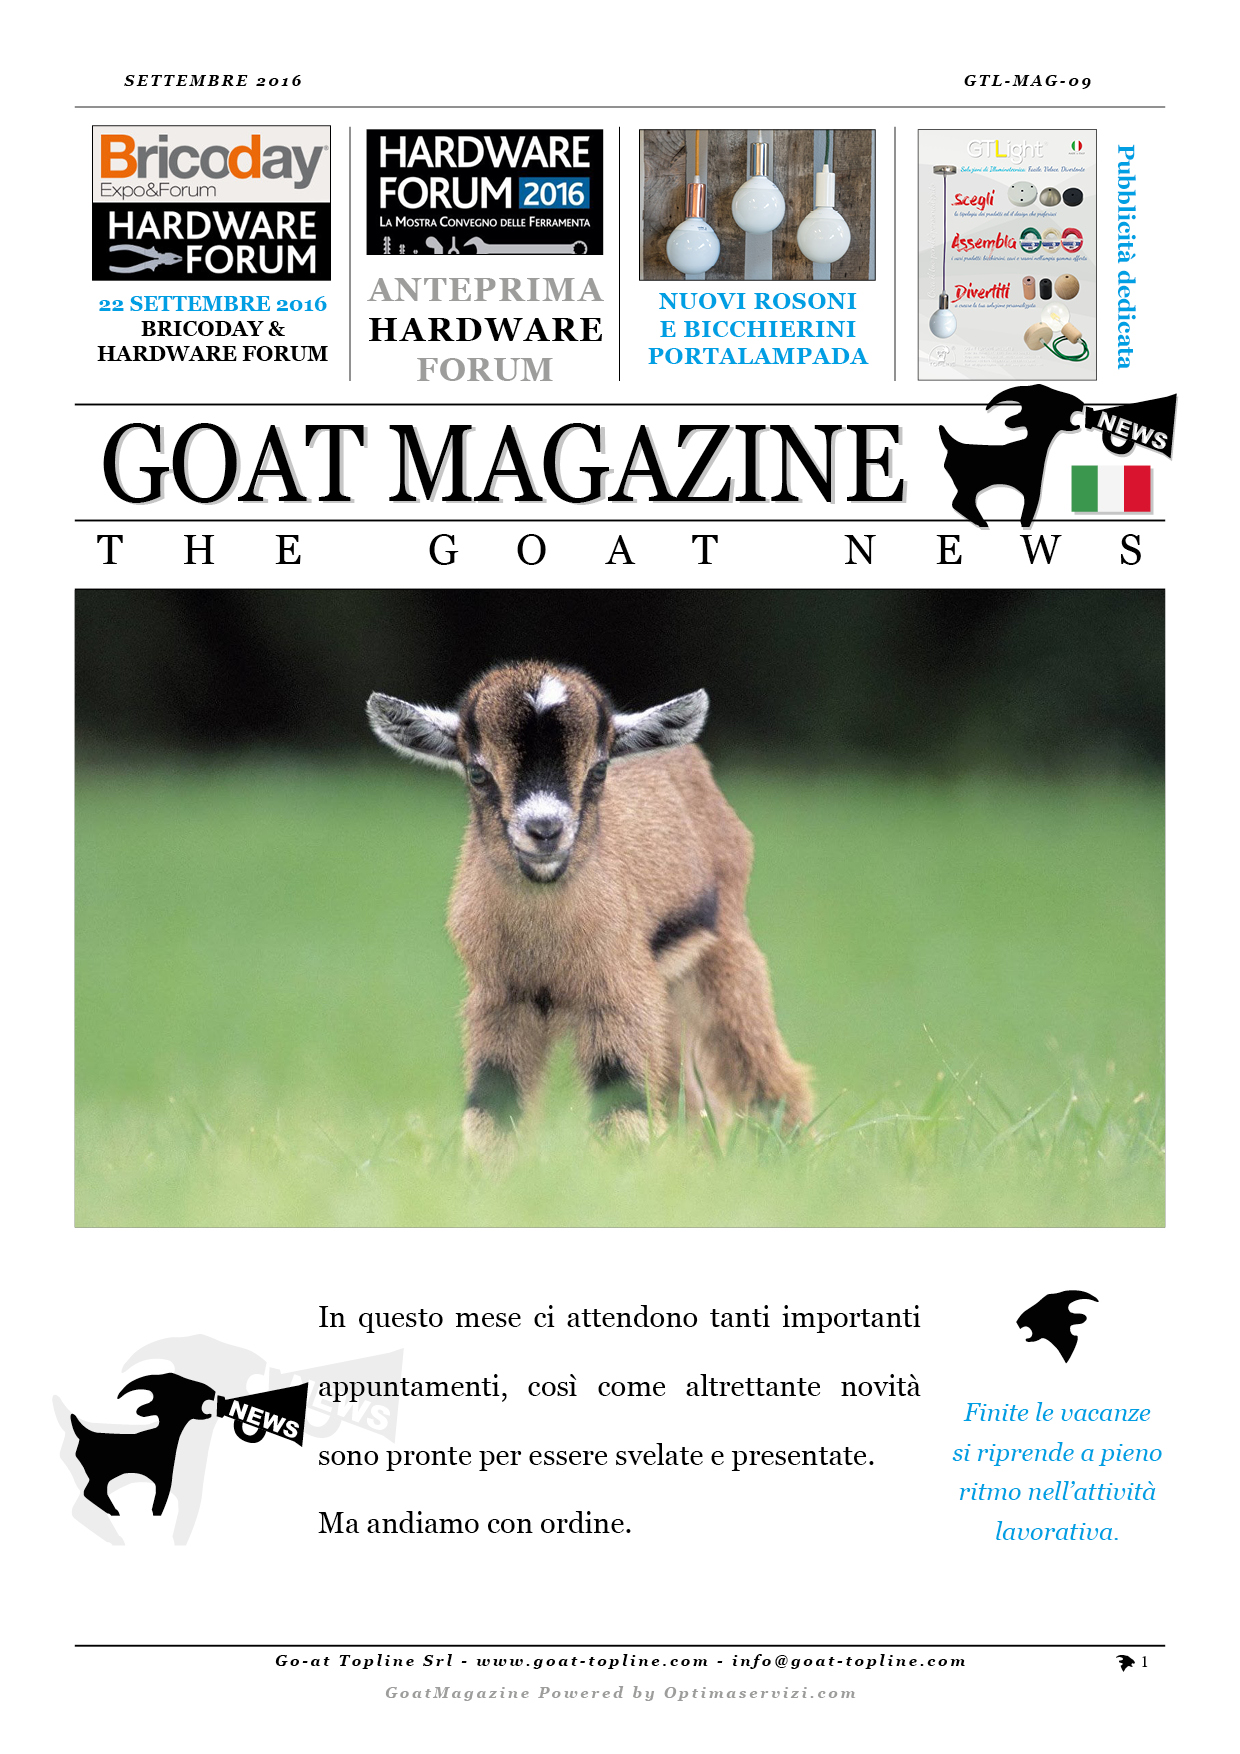 gtl-mag09-pubblico-settembre-2016-ita